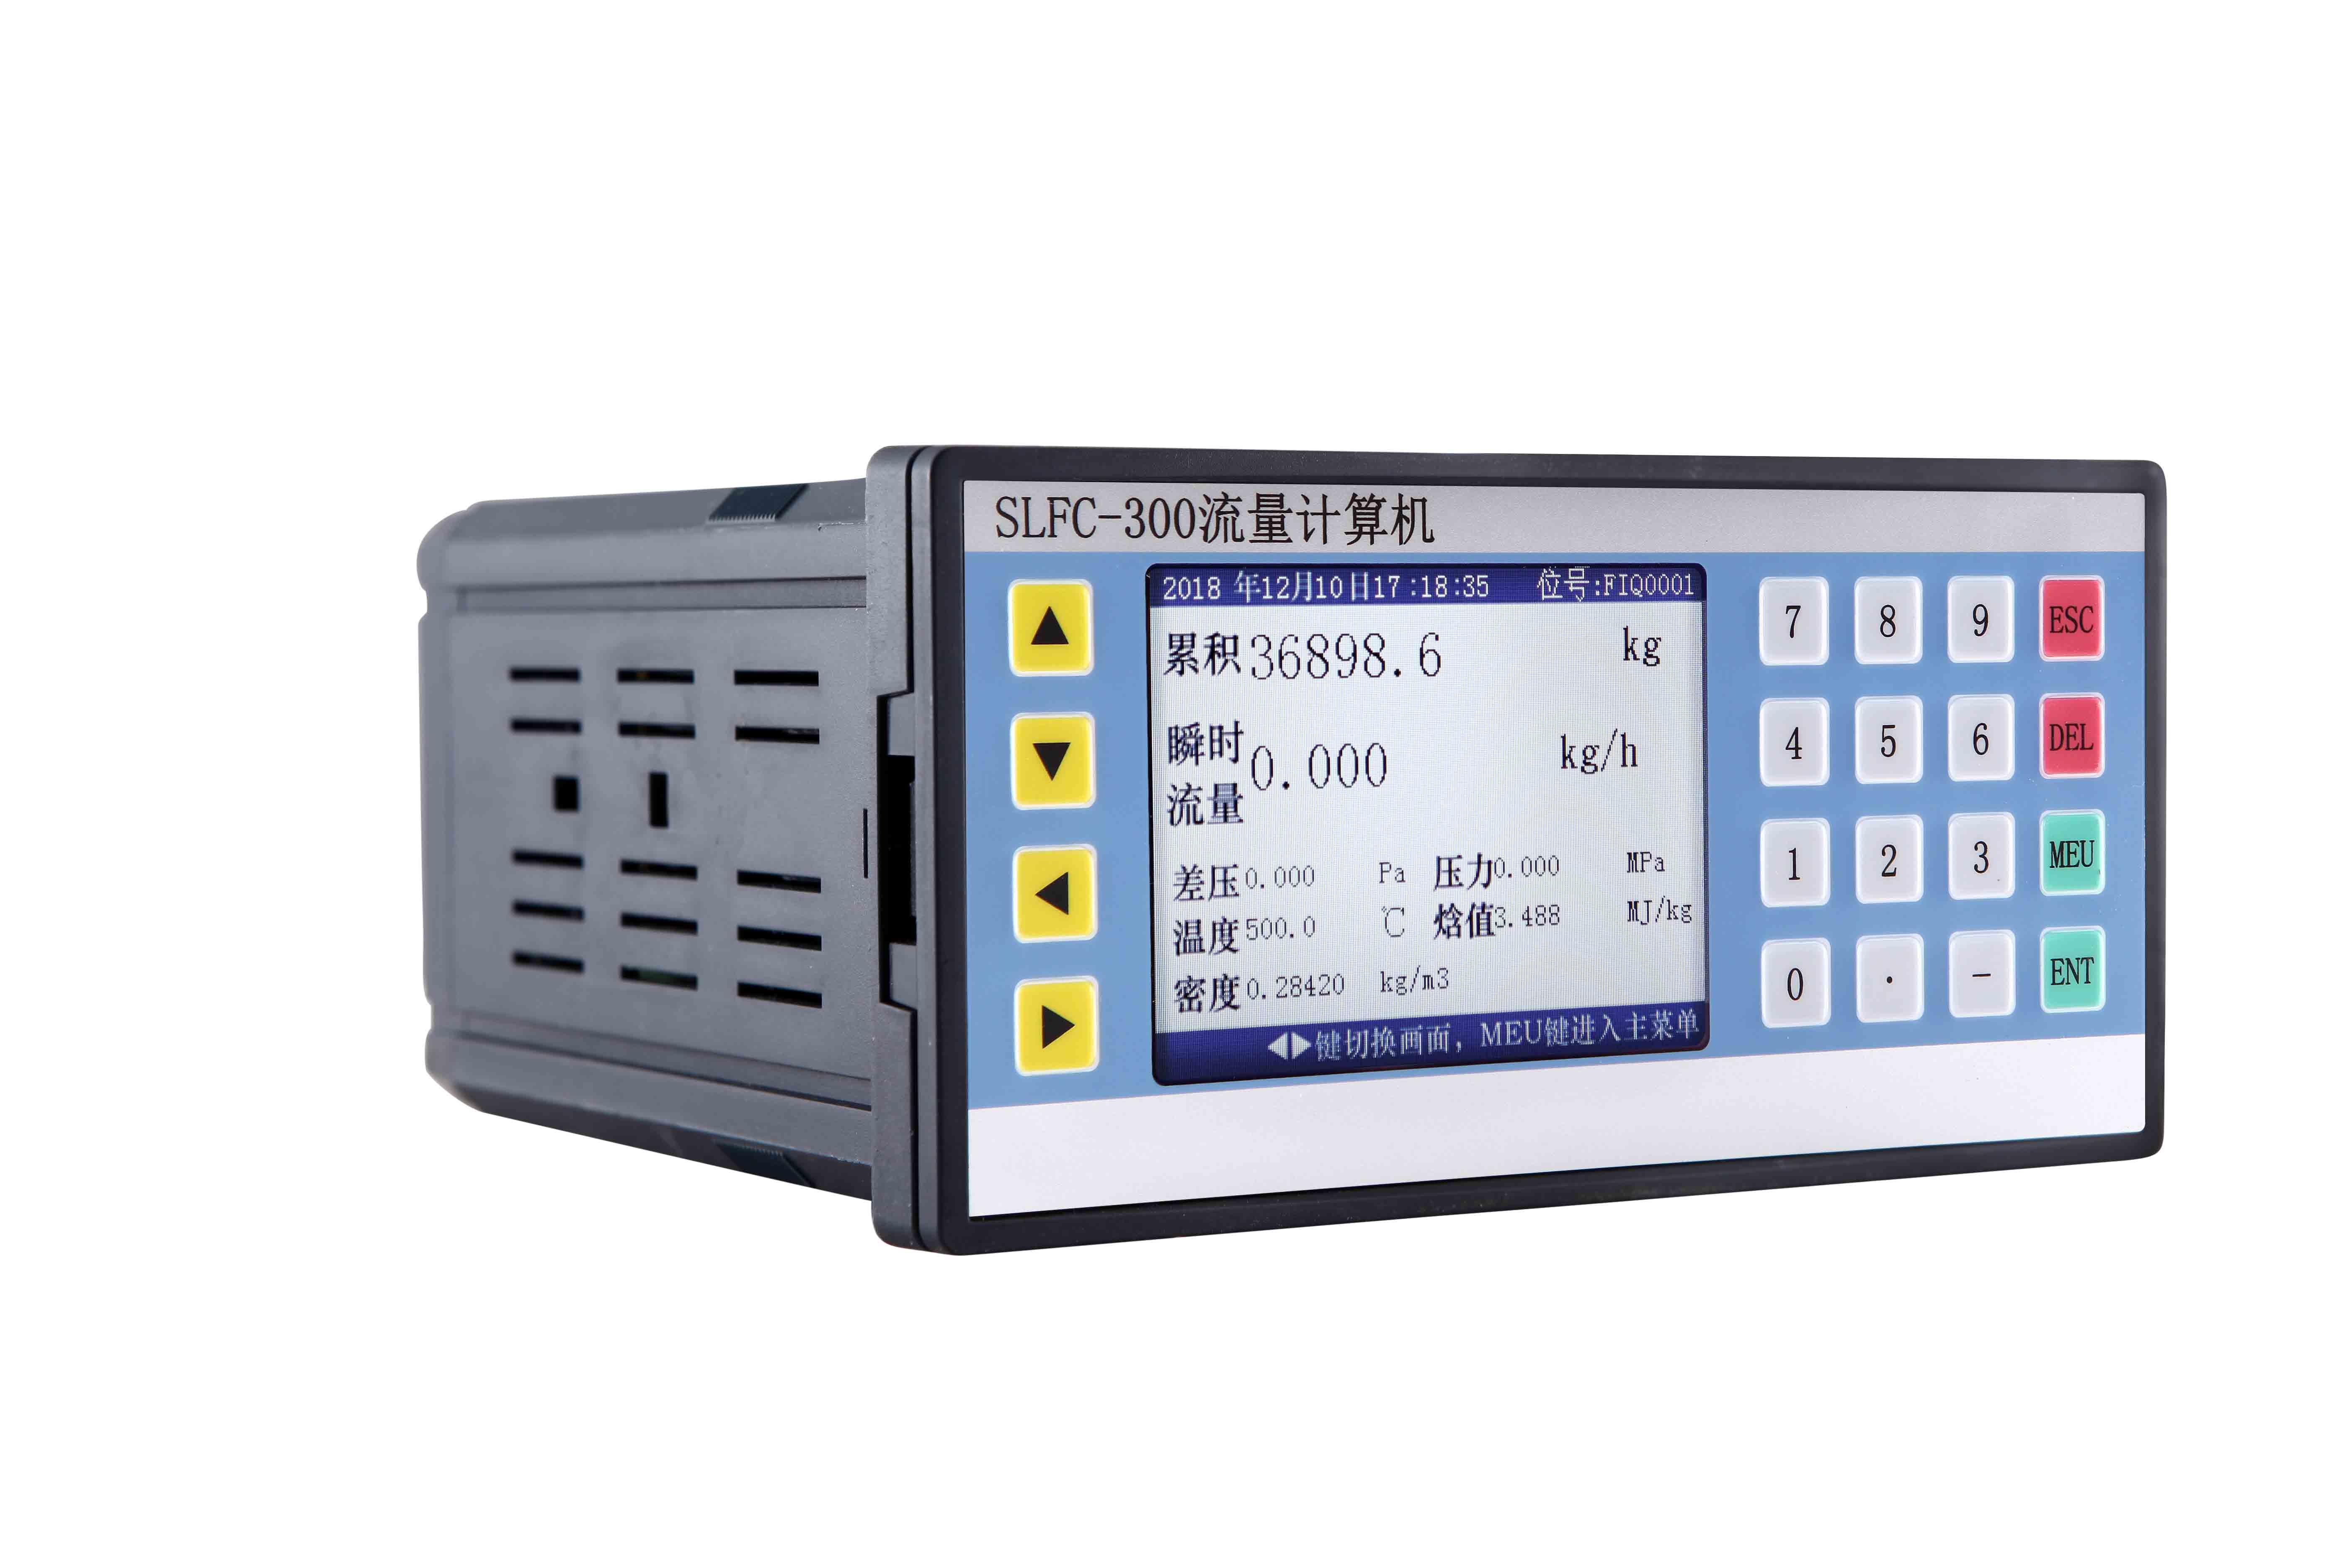 SLFC-300流量计算机